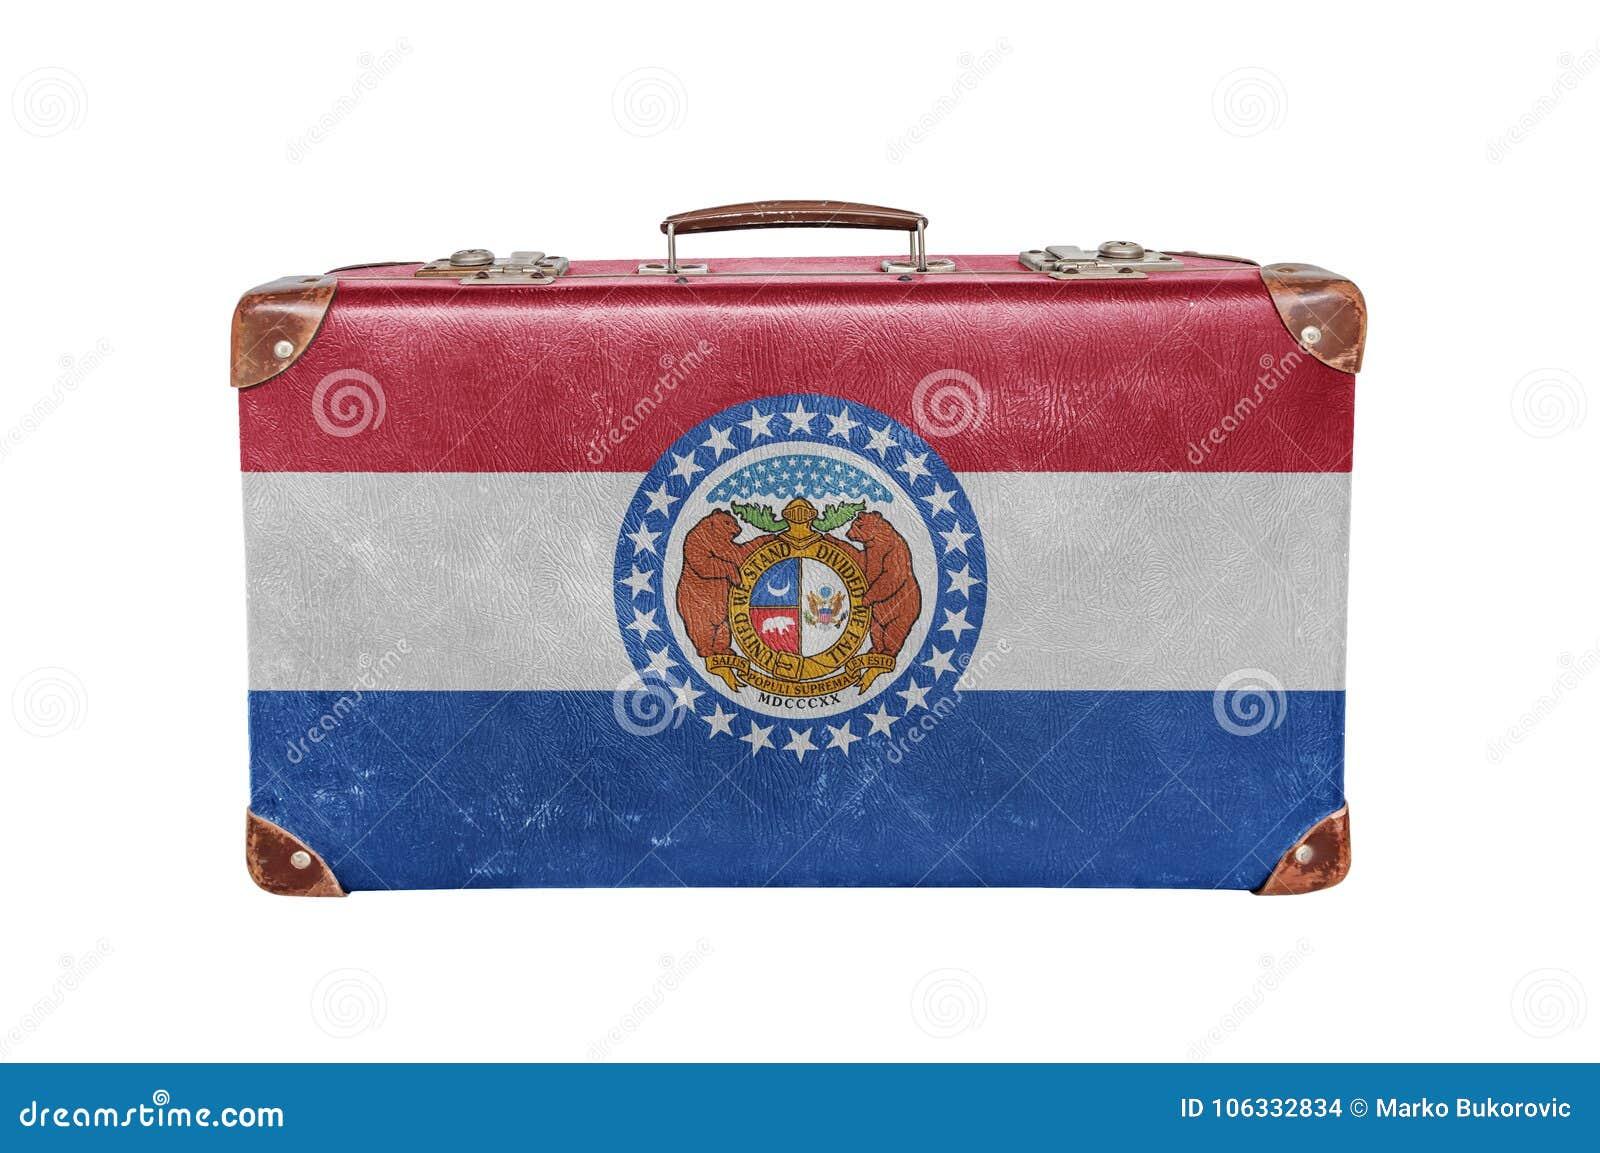 Εκλεκτής ποιότητας βαλίτσα με τη σημαία του Μισσούρι